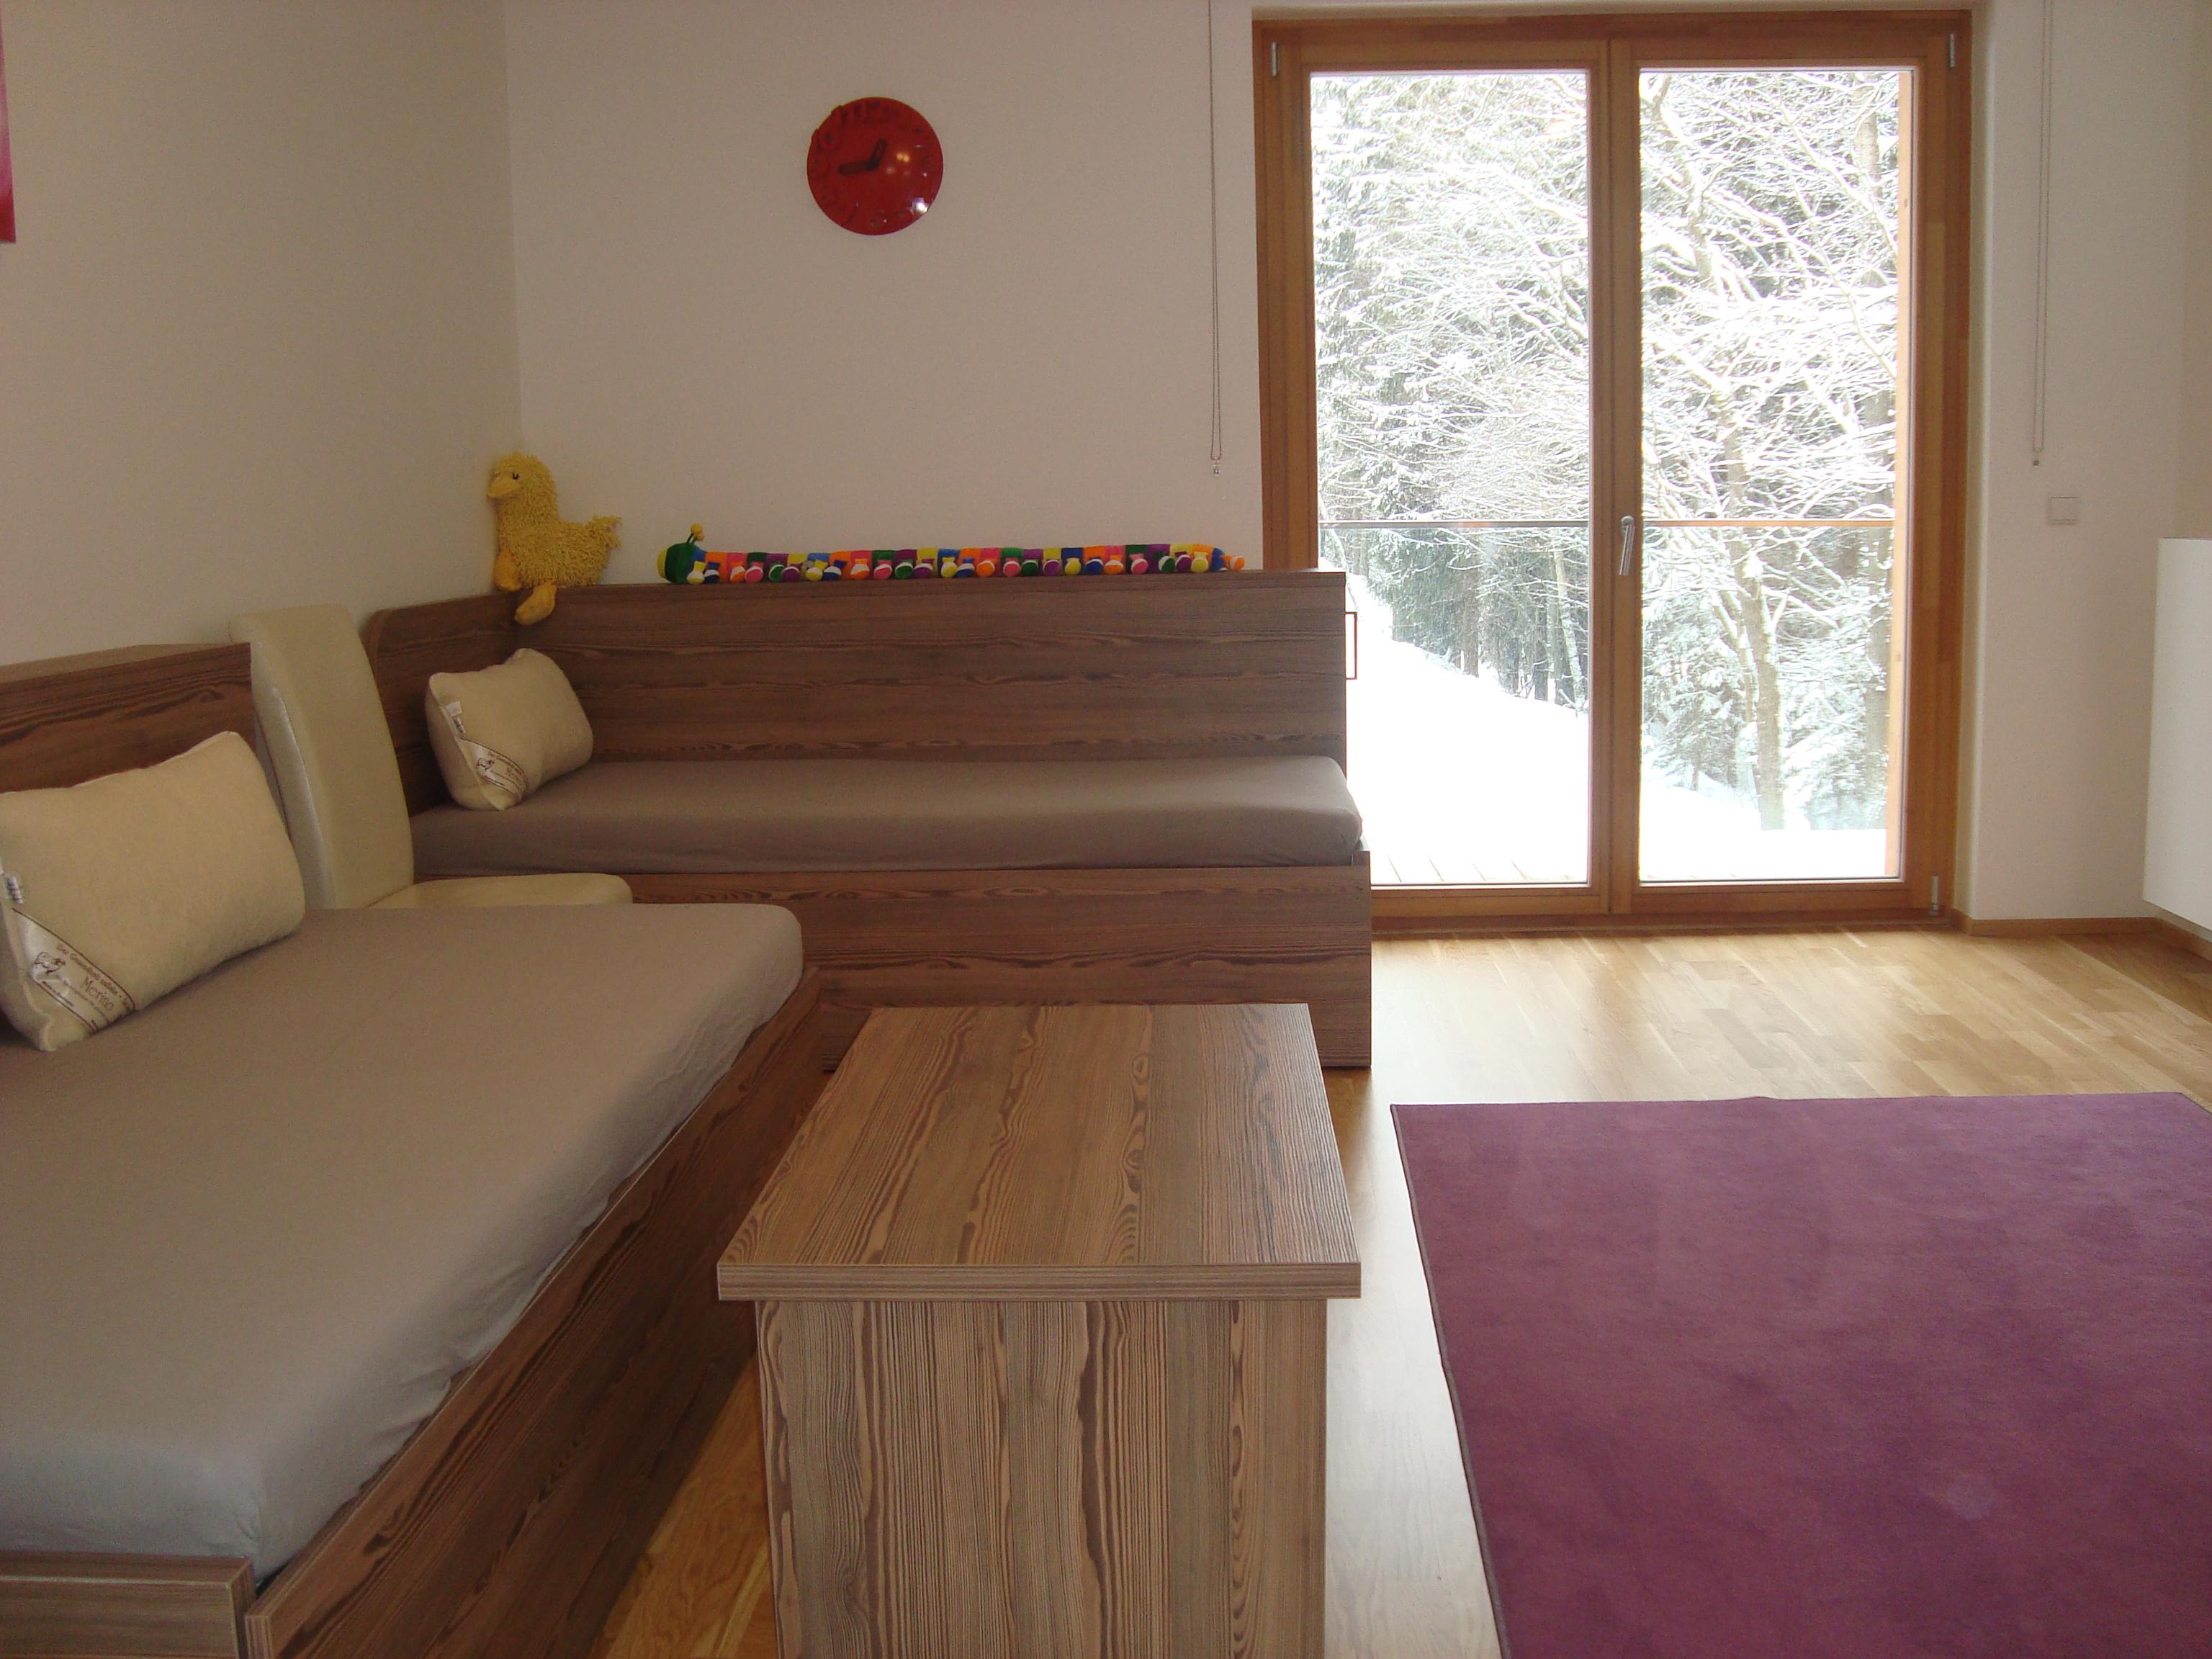 apartmán ve špindlerově mlýnu poskytuje dostatek prostoru pro ubytování s celou rodinou